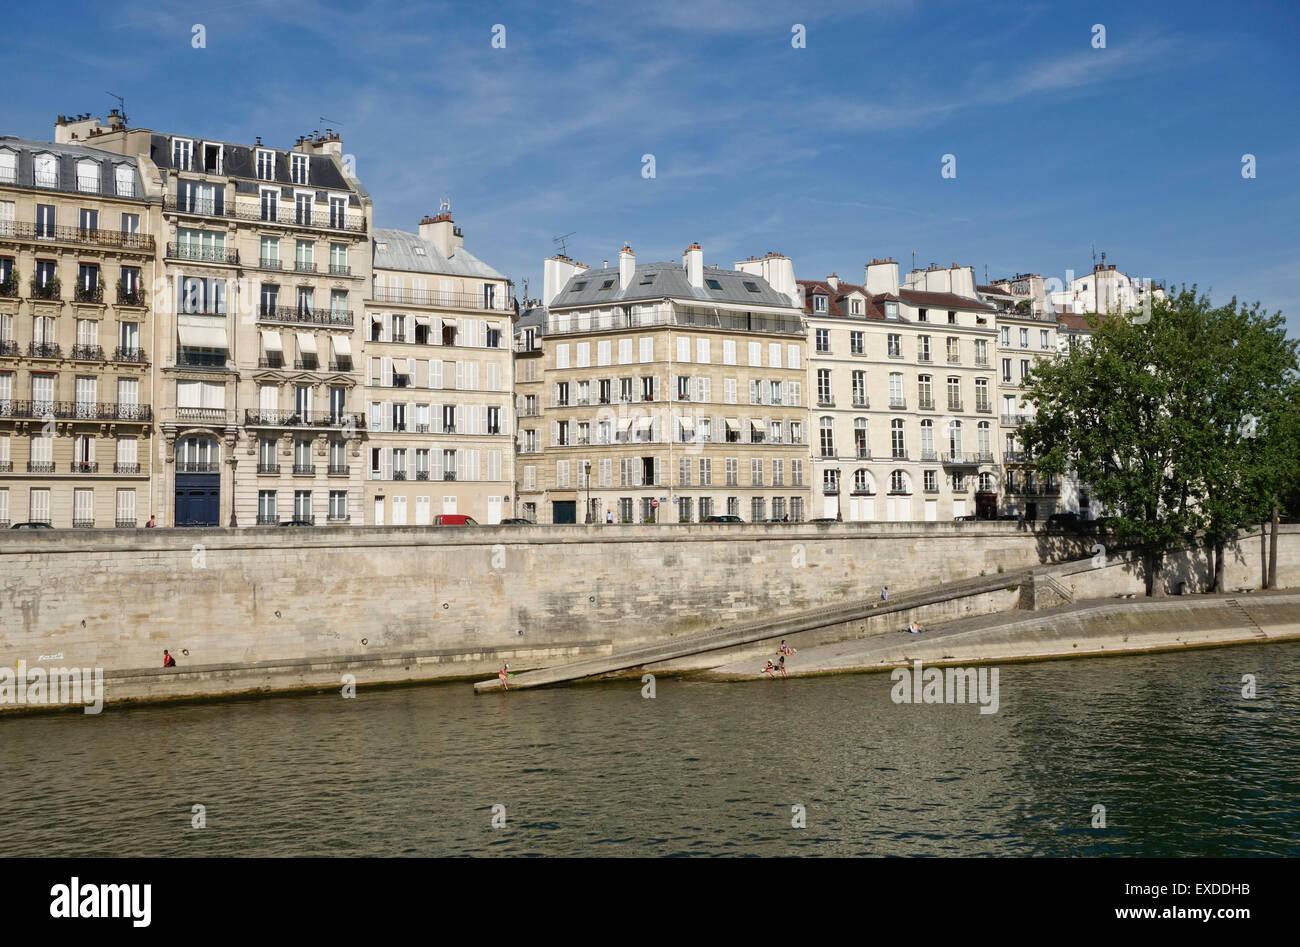 Les bâtiments à l'architecture Haussmannienne parisienne Seine, Ile de la Cité, Paris, France. Banque D'Images